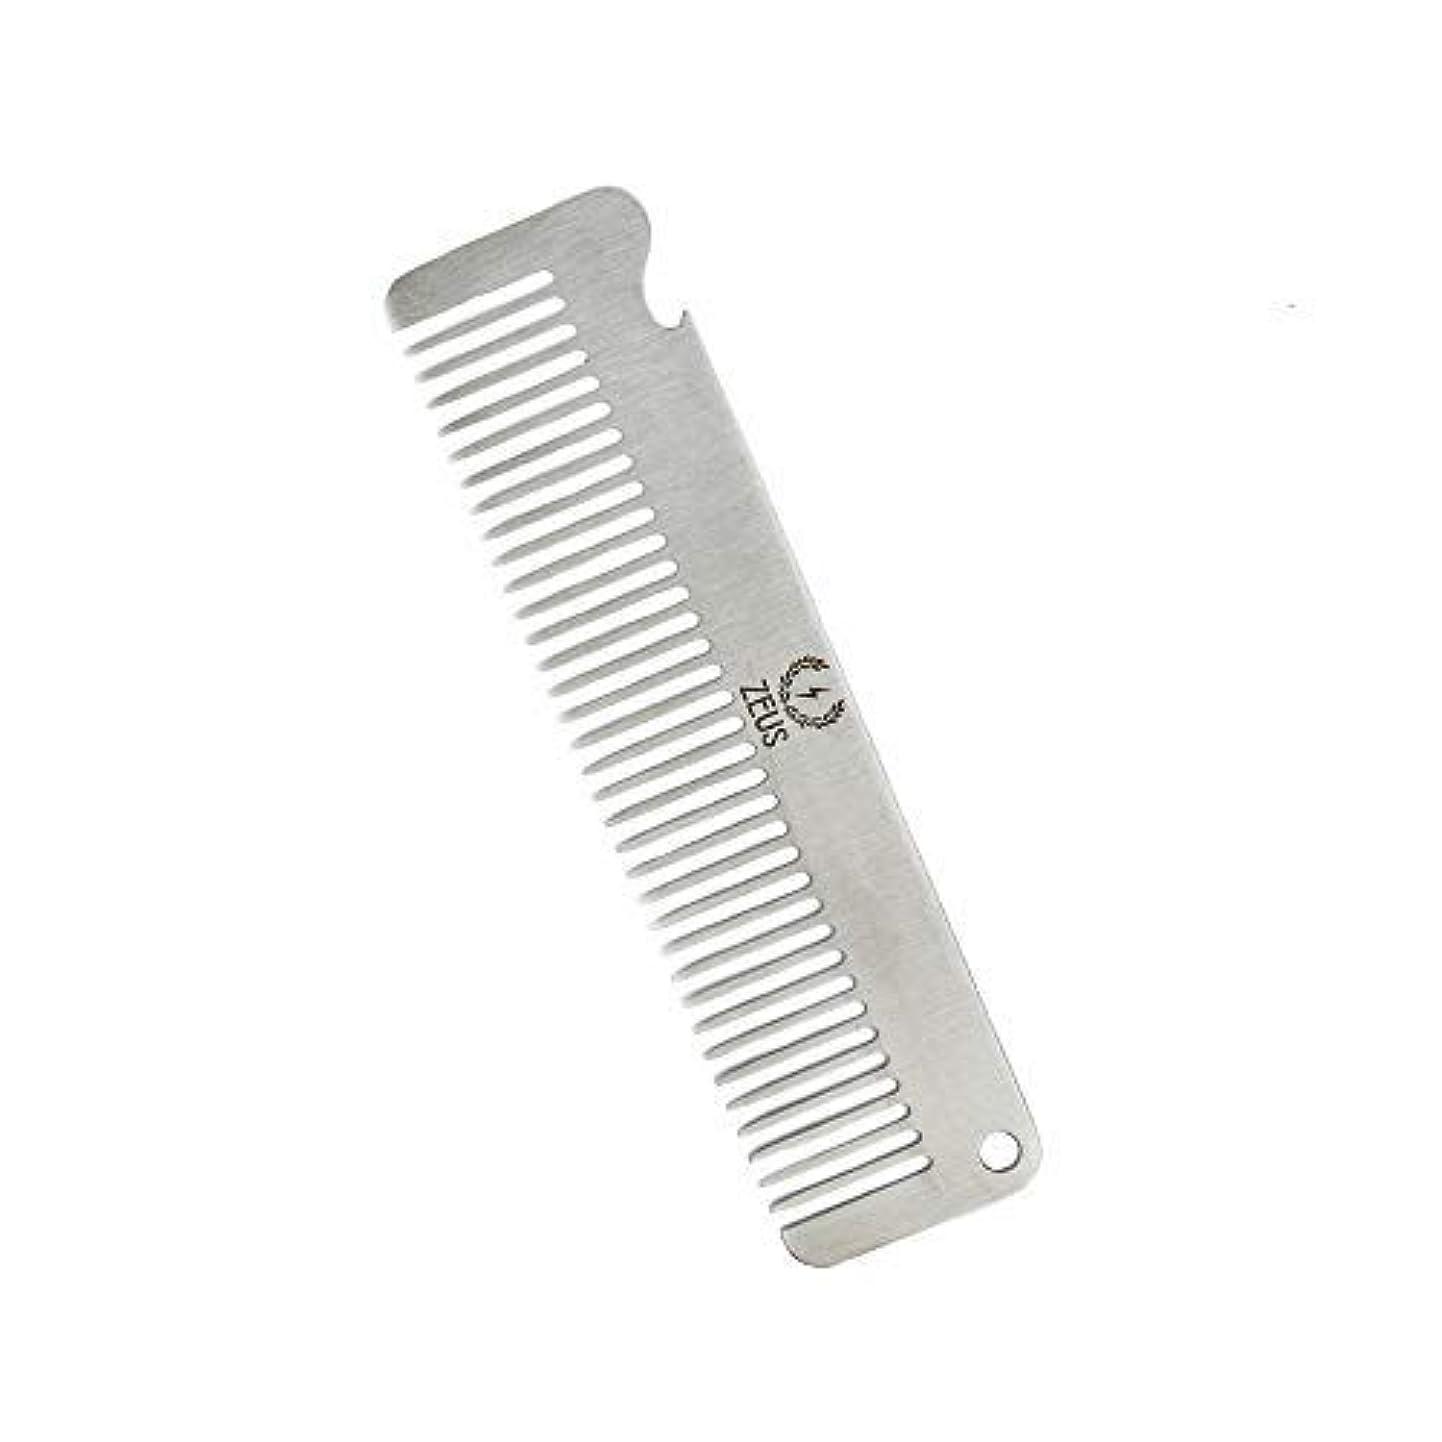 実際枢機卿侵入するZEUS Stainless Steel Comb with Bottle Opener - Beard Comb for Men! (Comb) [並行輸入品]